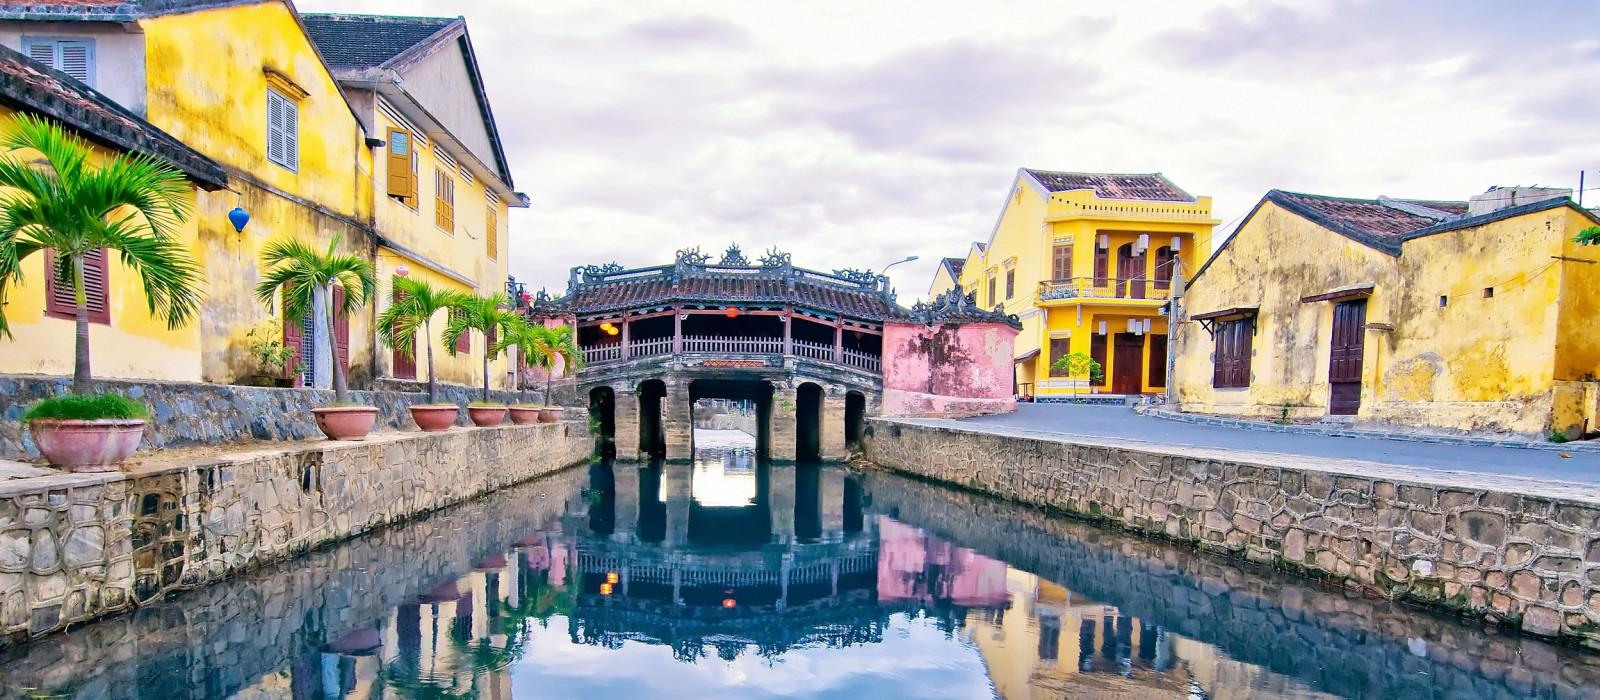 Hotel Hoi An Chic Green Retreat Vietnam